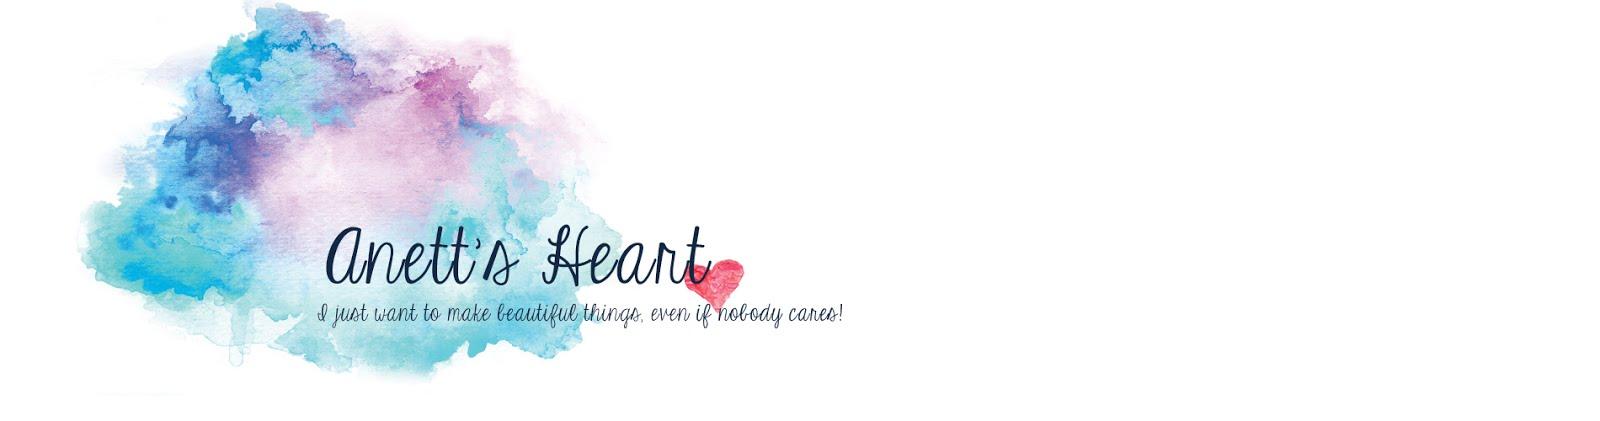 Anett's Heart